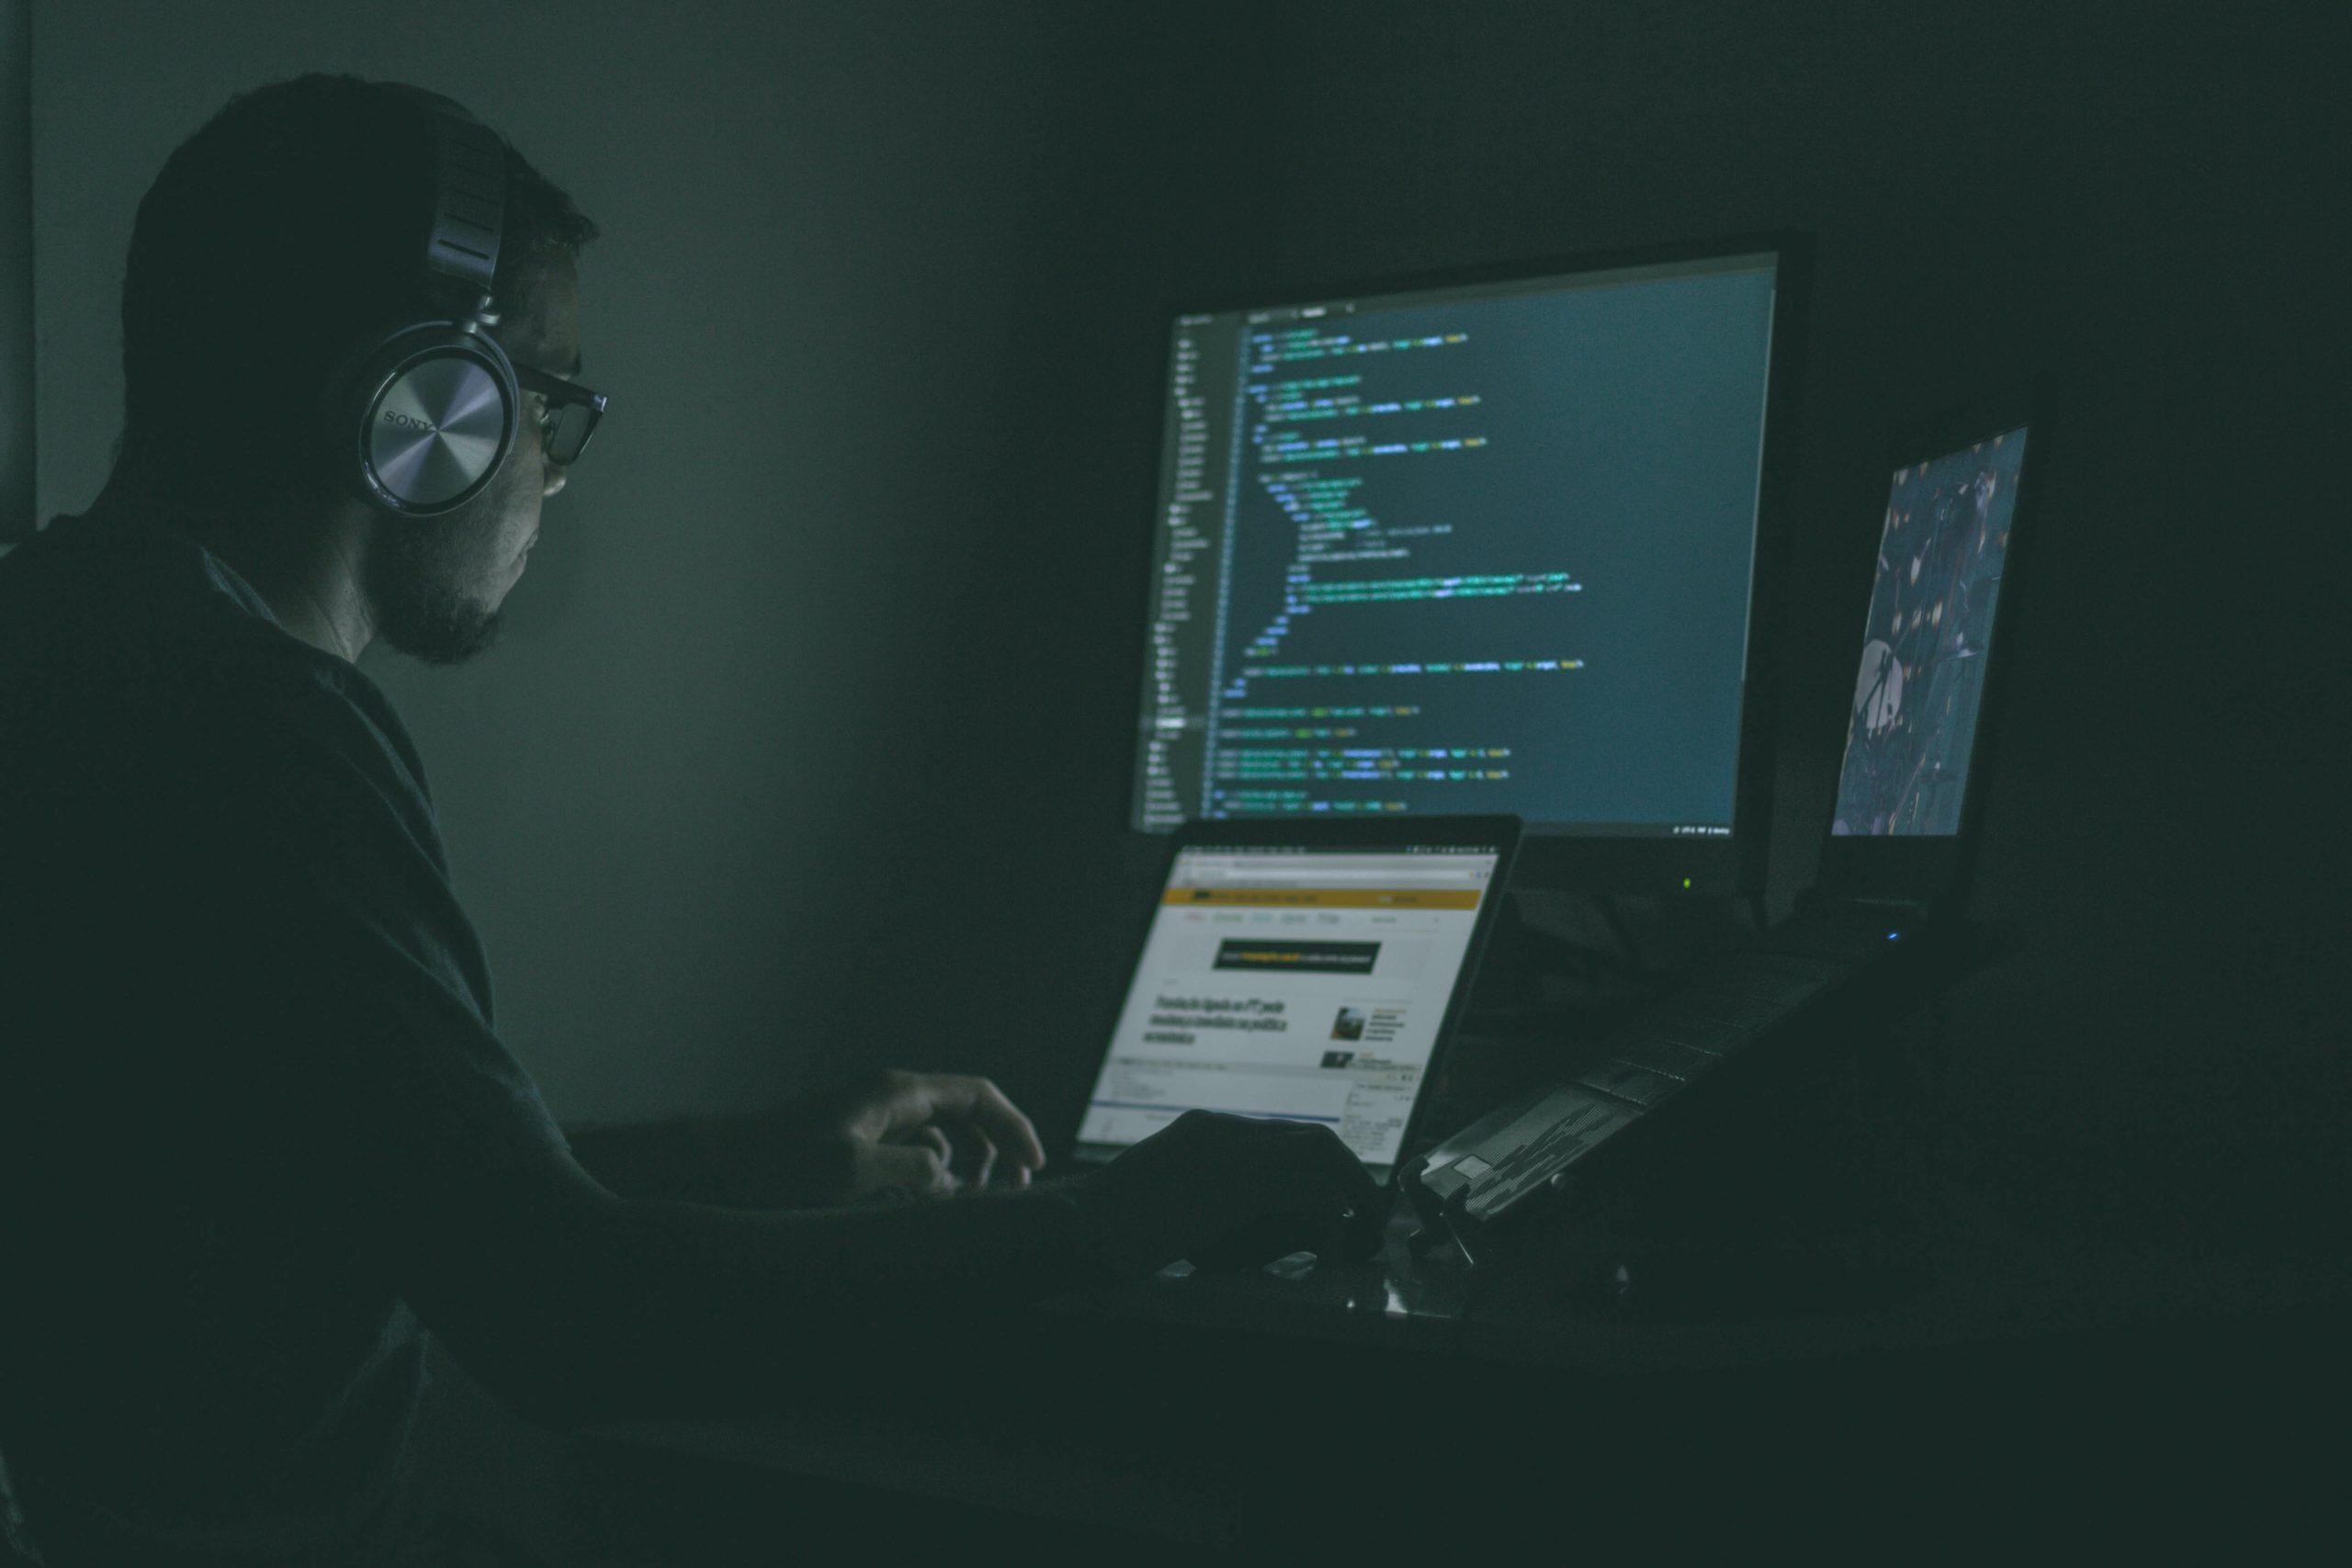 La ciberseguridad en tu negocio, ¿por qué es importante?